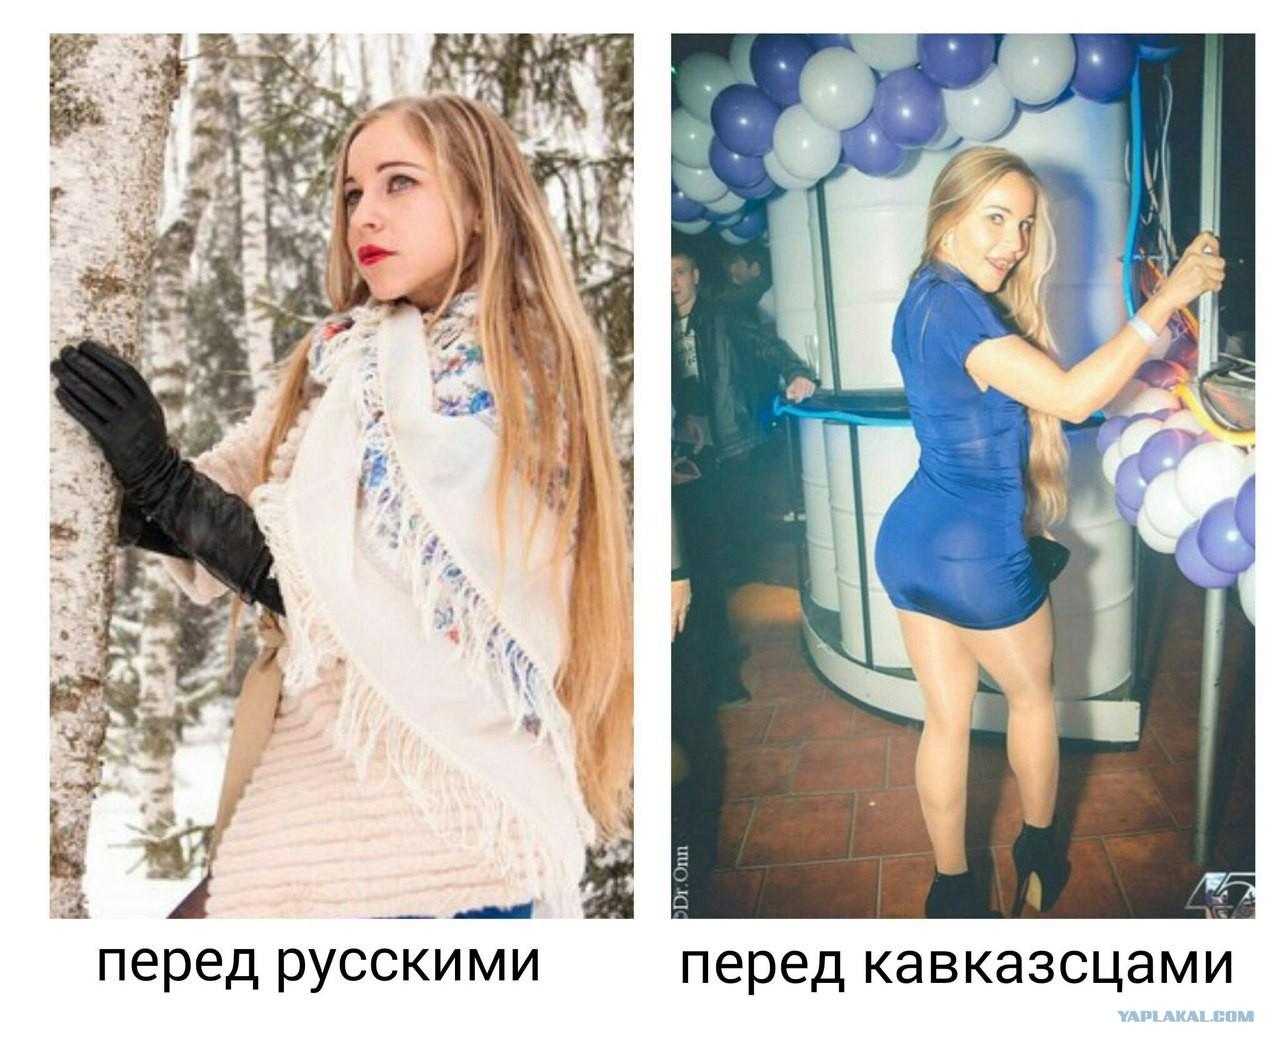 Русскую девку трахает кавказцы, Порно с кавказцами - домашний секс 10 фотография